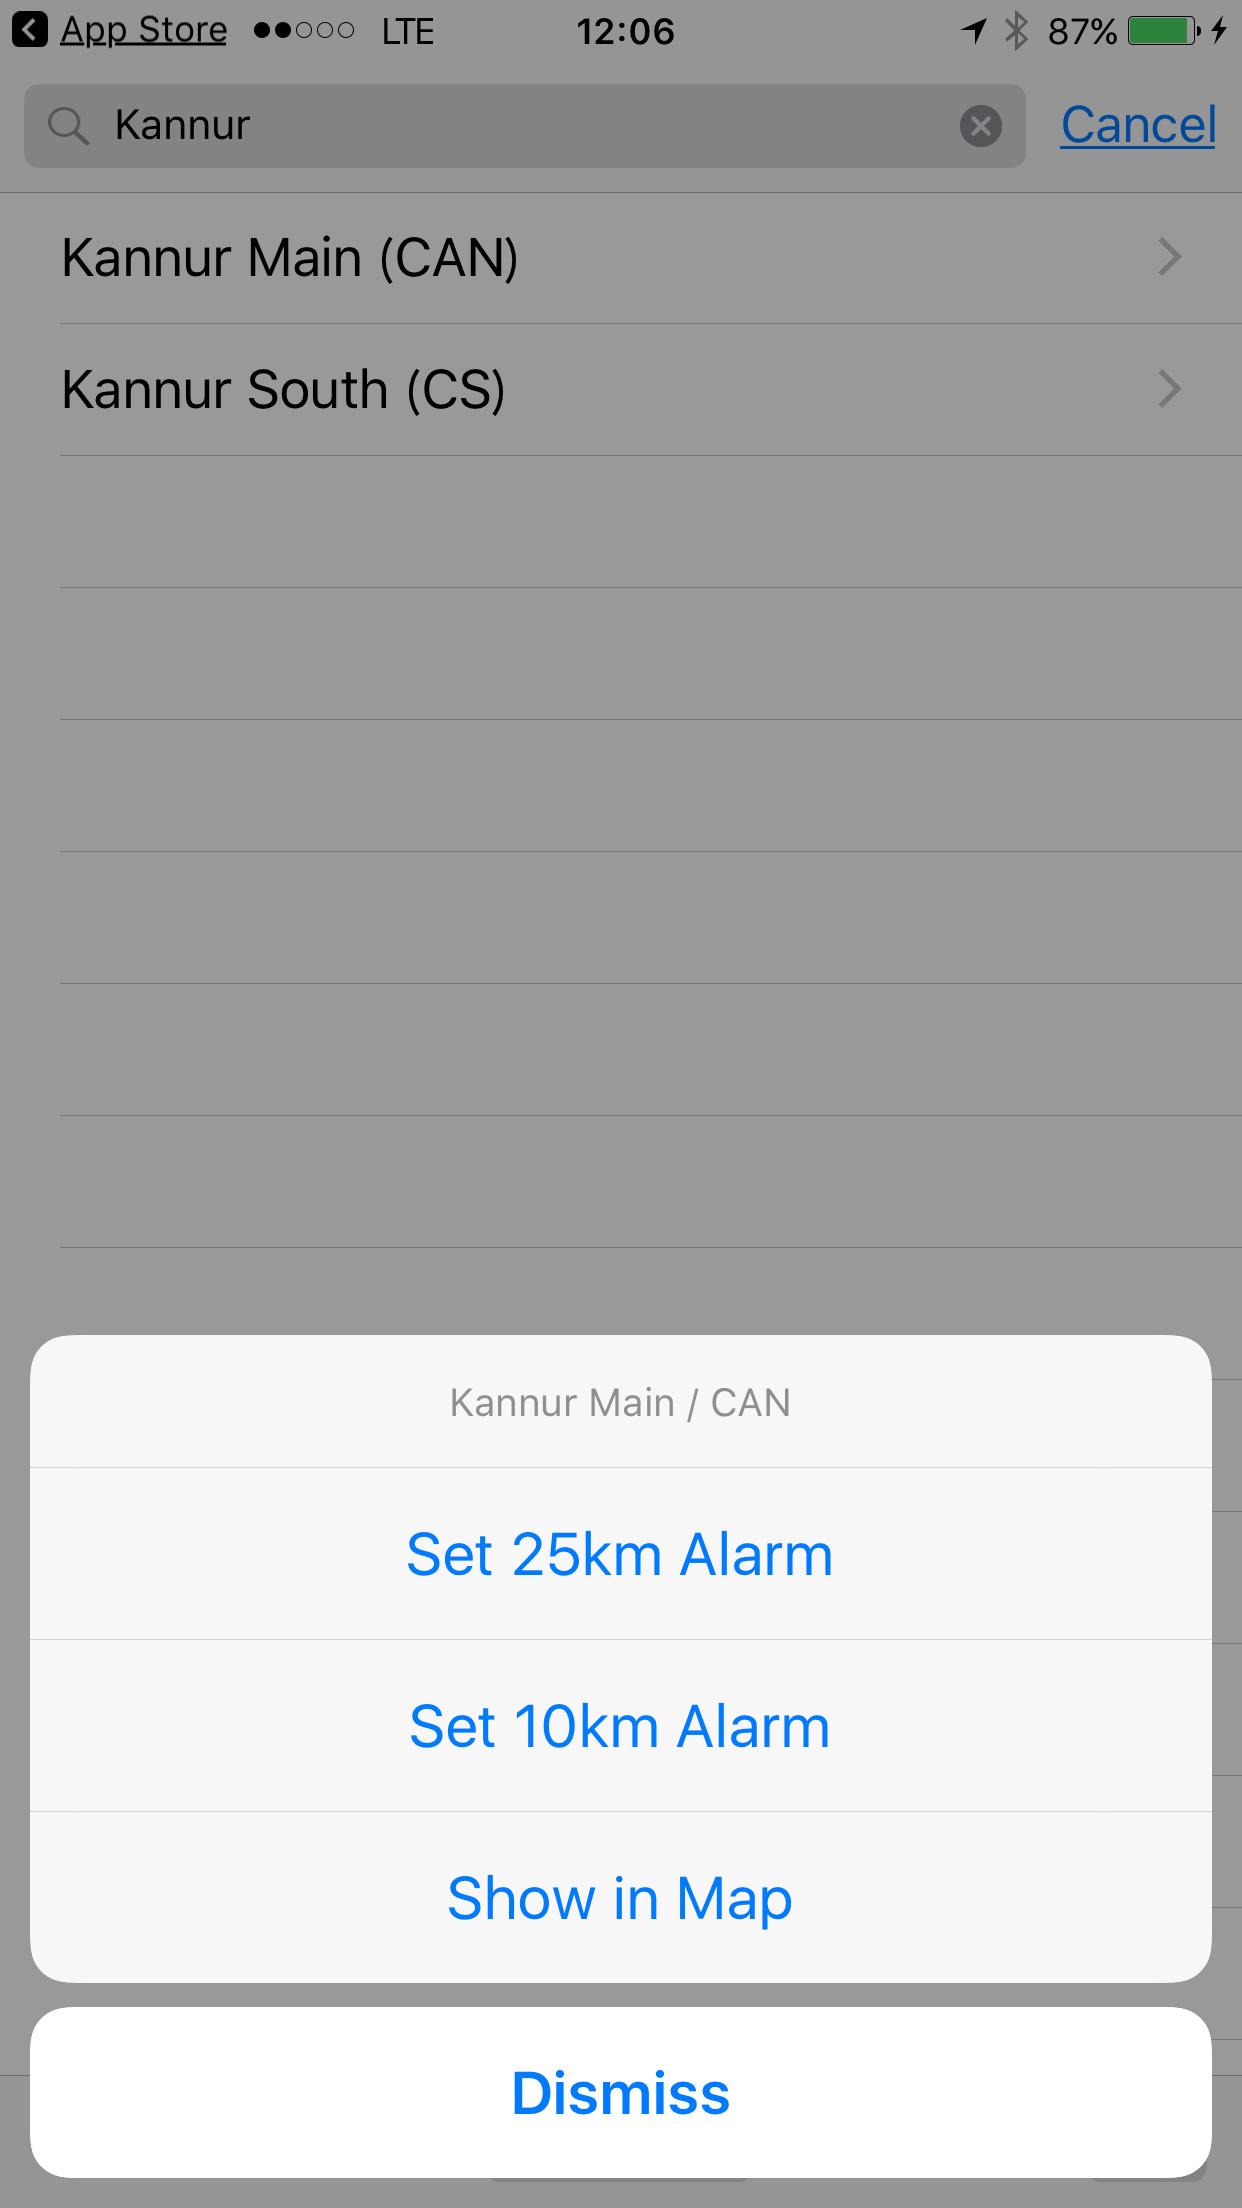 インド列車アラームアプリIndian Train Alarm 使い方